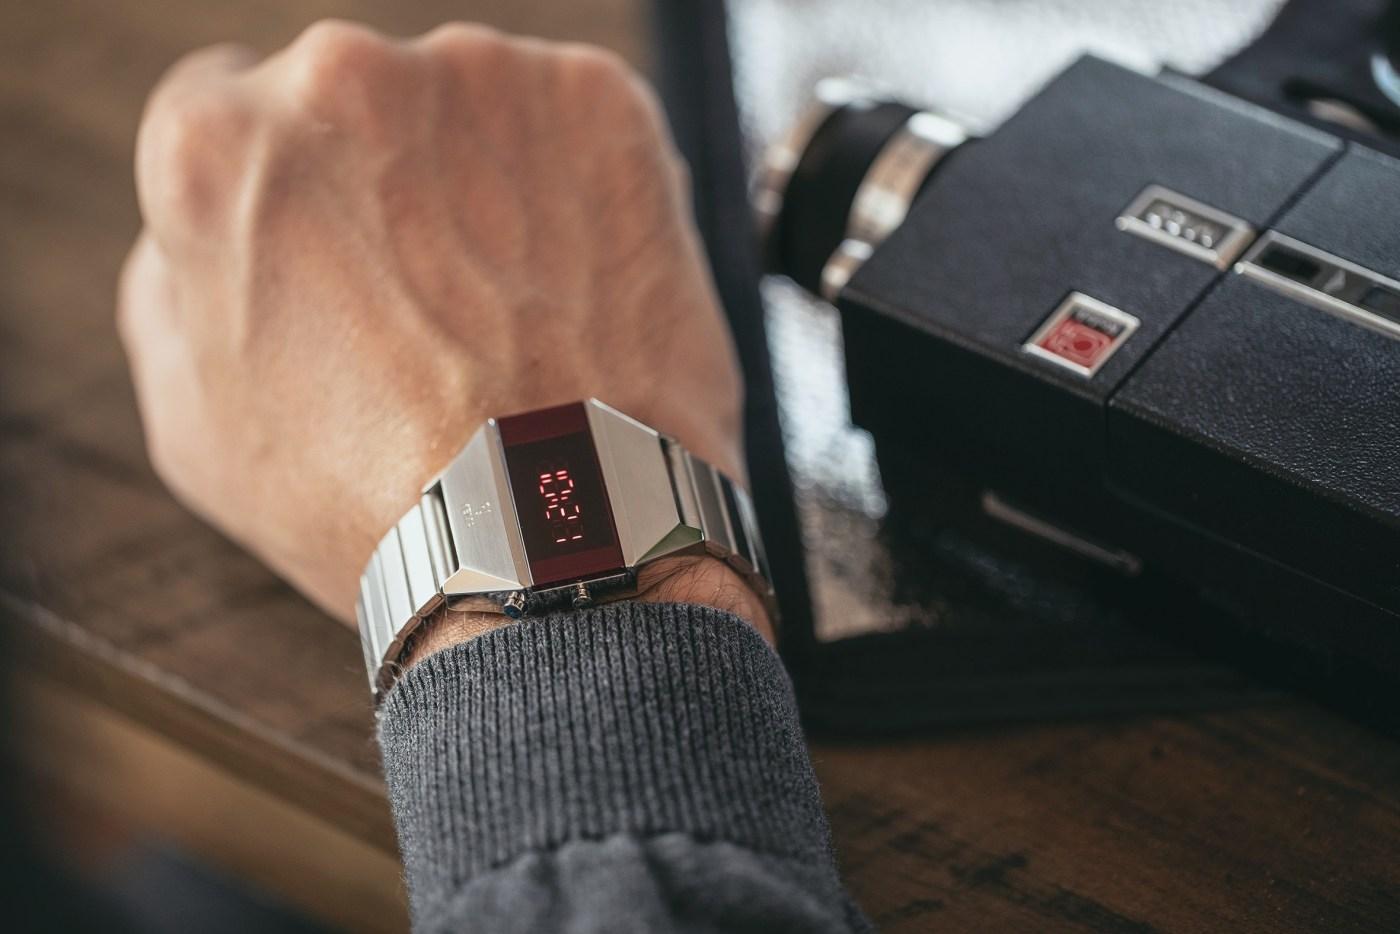 2020 Yema LED Reissue wristshot